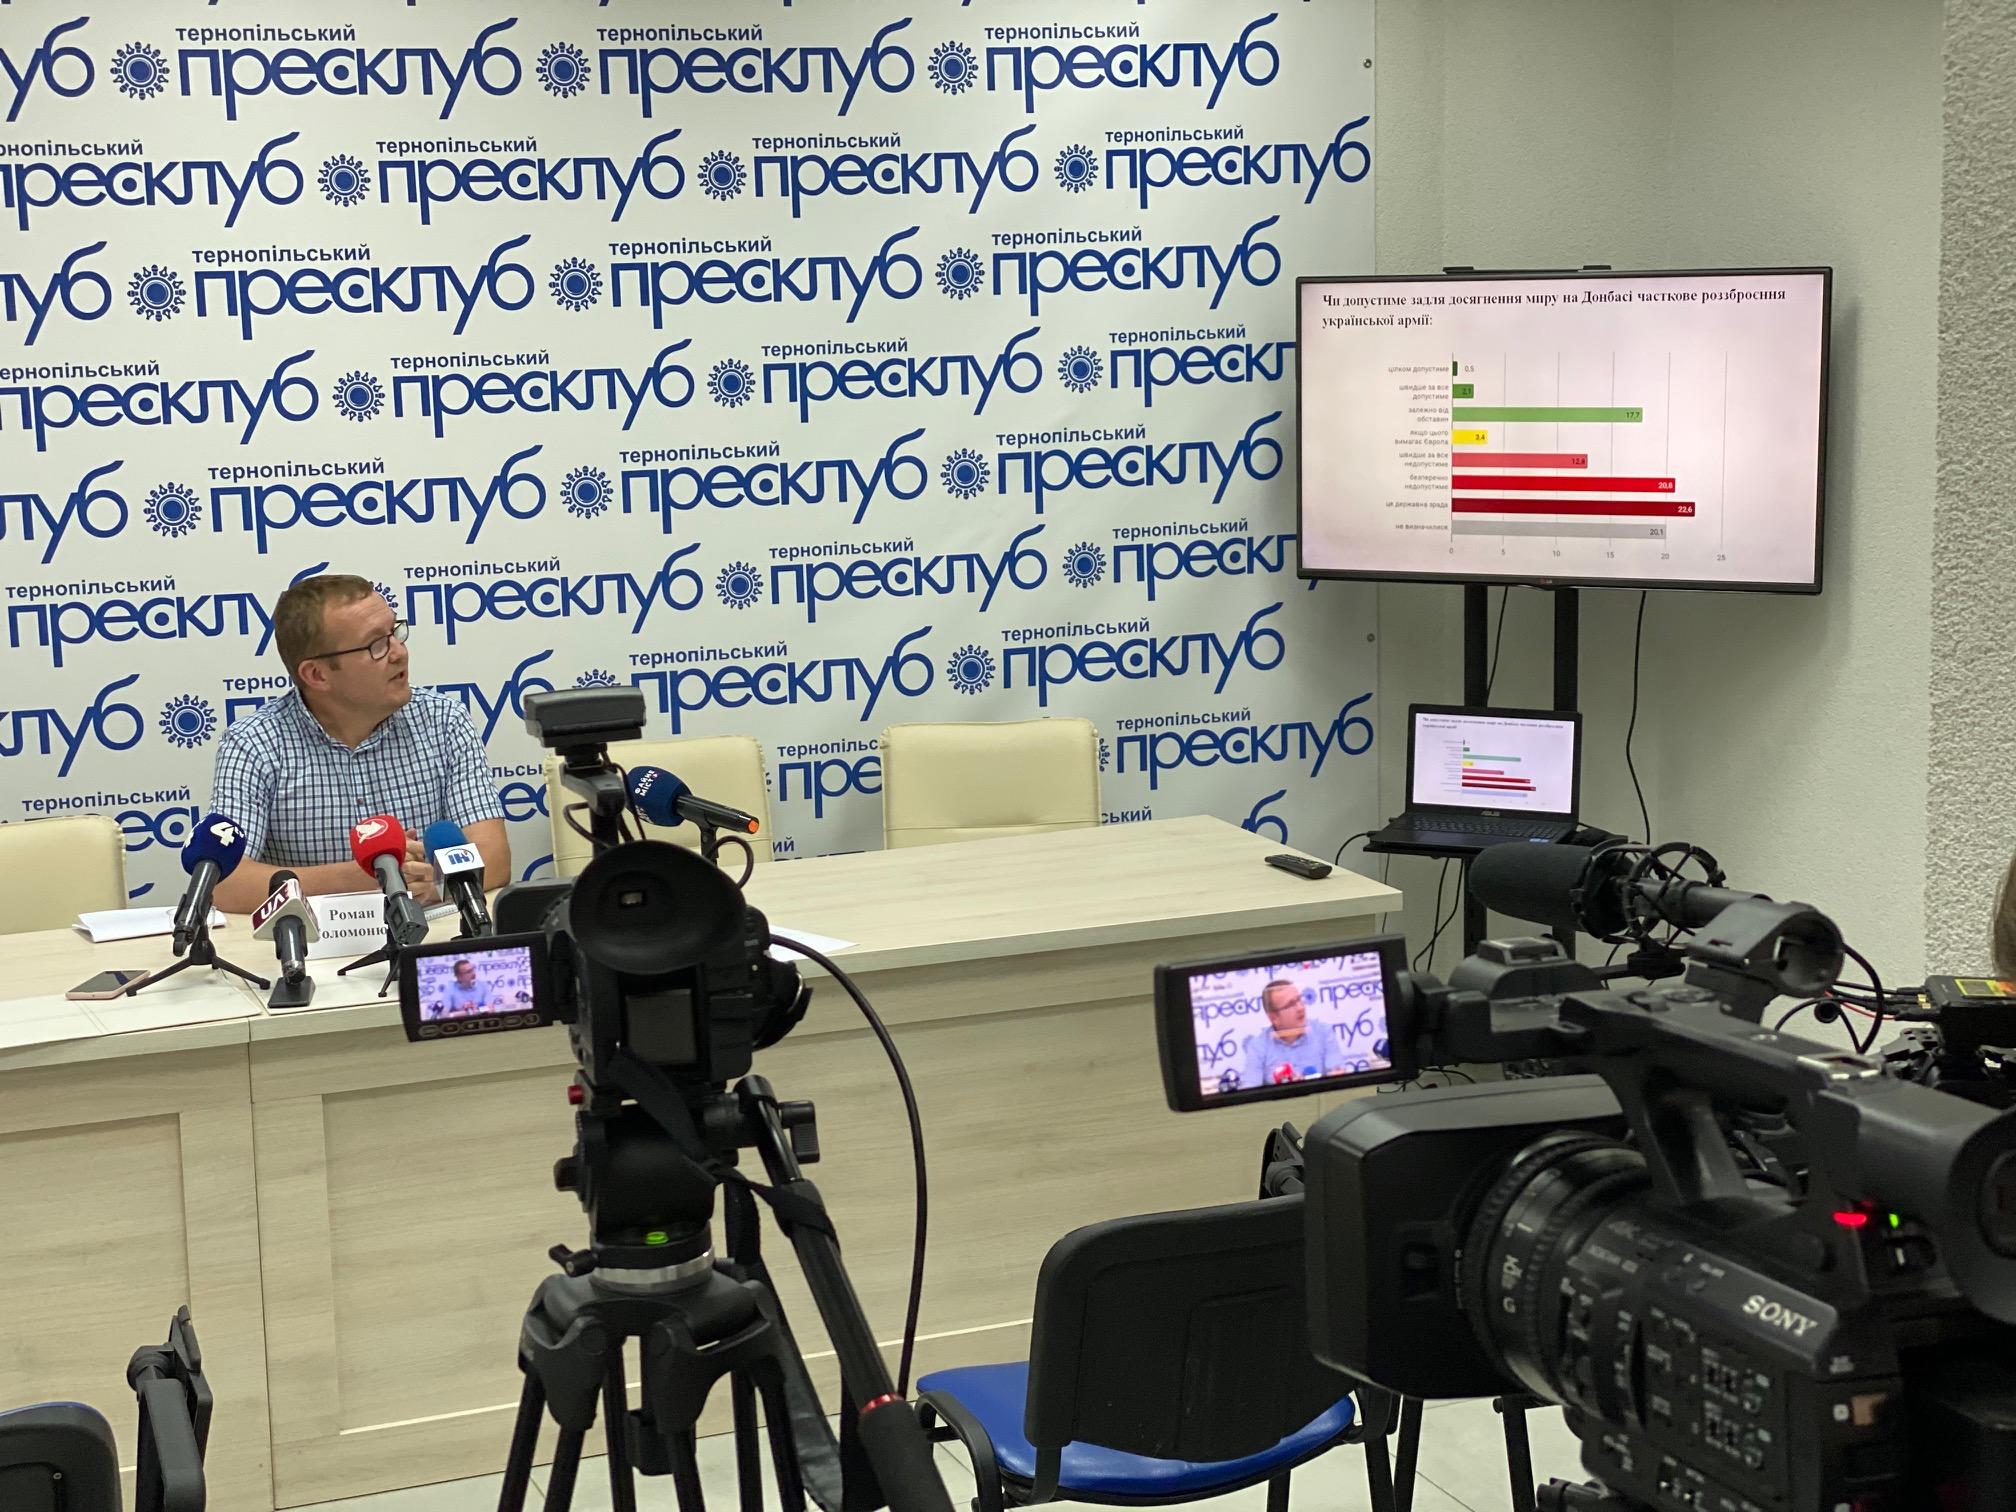 Презетнація результатів соціологічного дослідження щодо суспільно-політичних настроїв жителів Тернополя- центр з інформаційних проблем територій